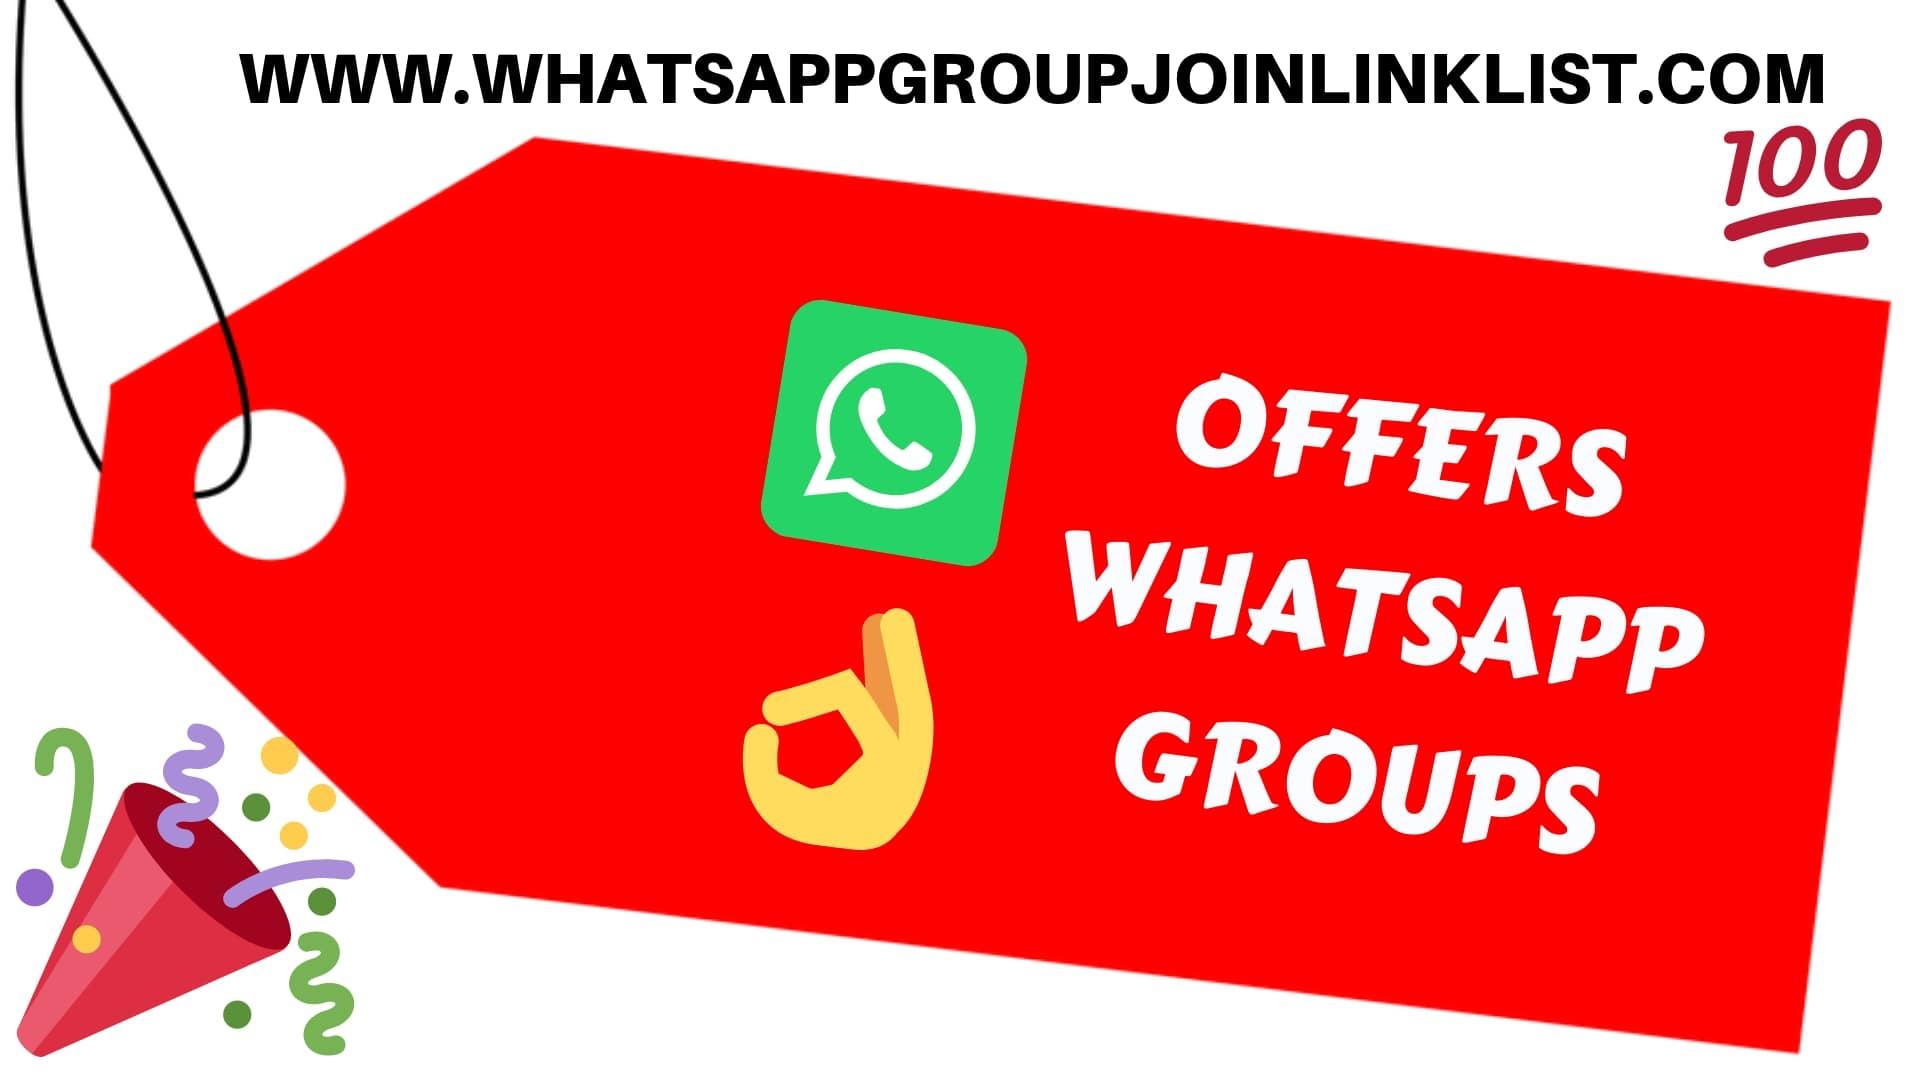 3819167218?profile=original